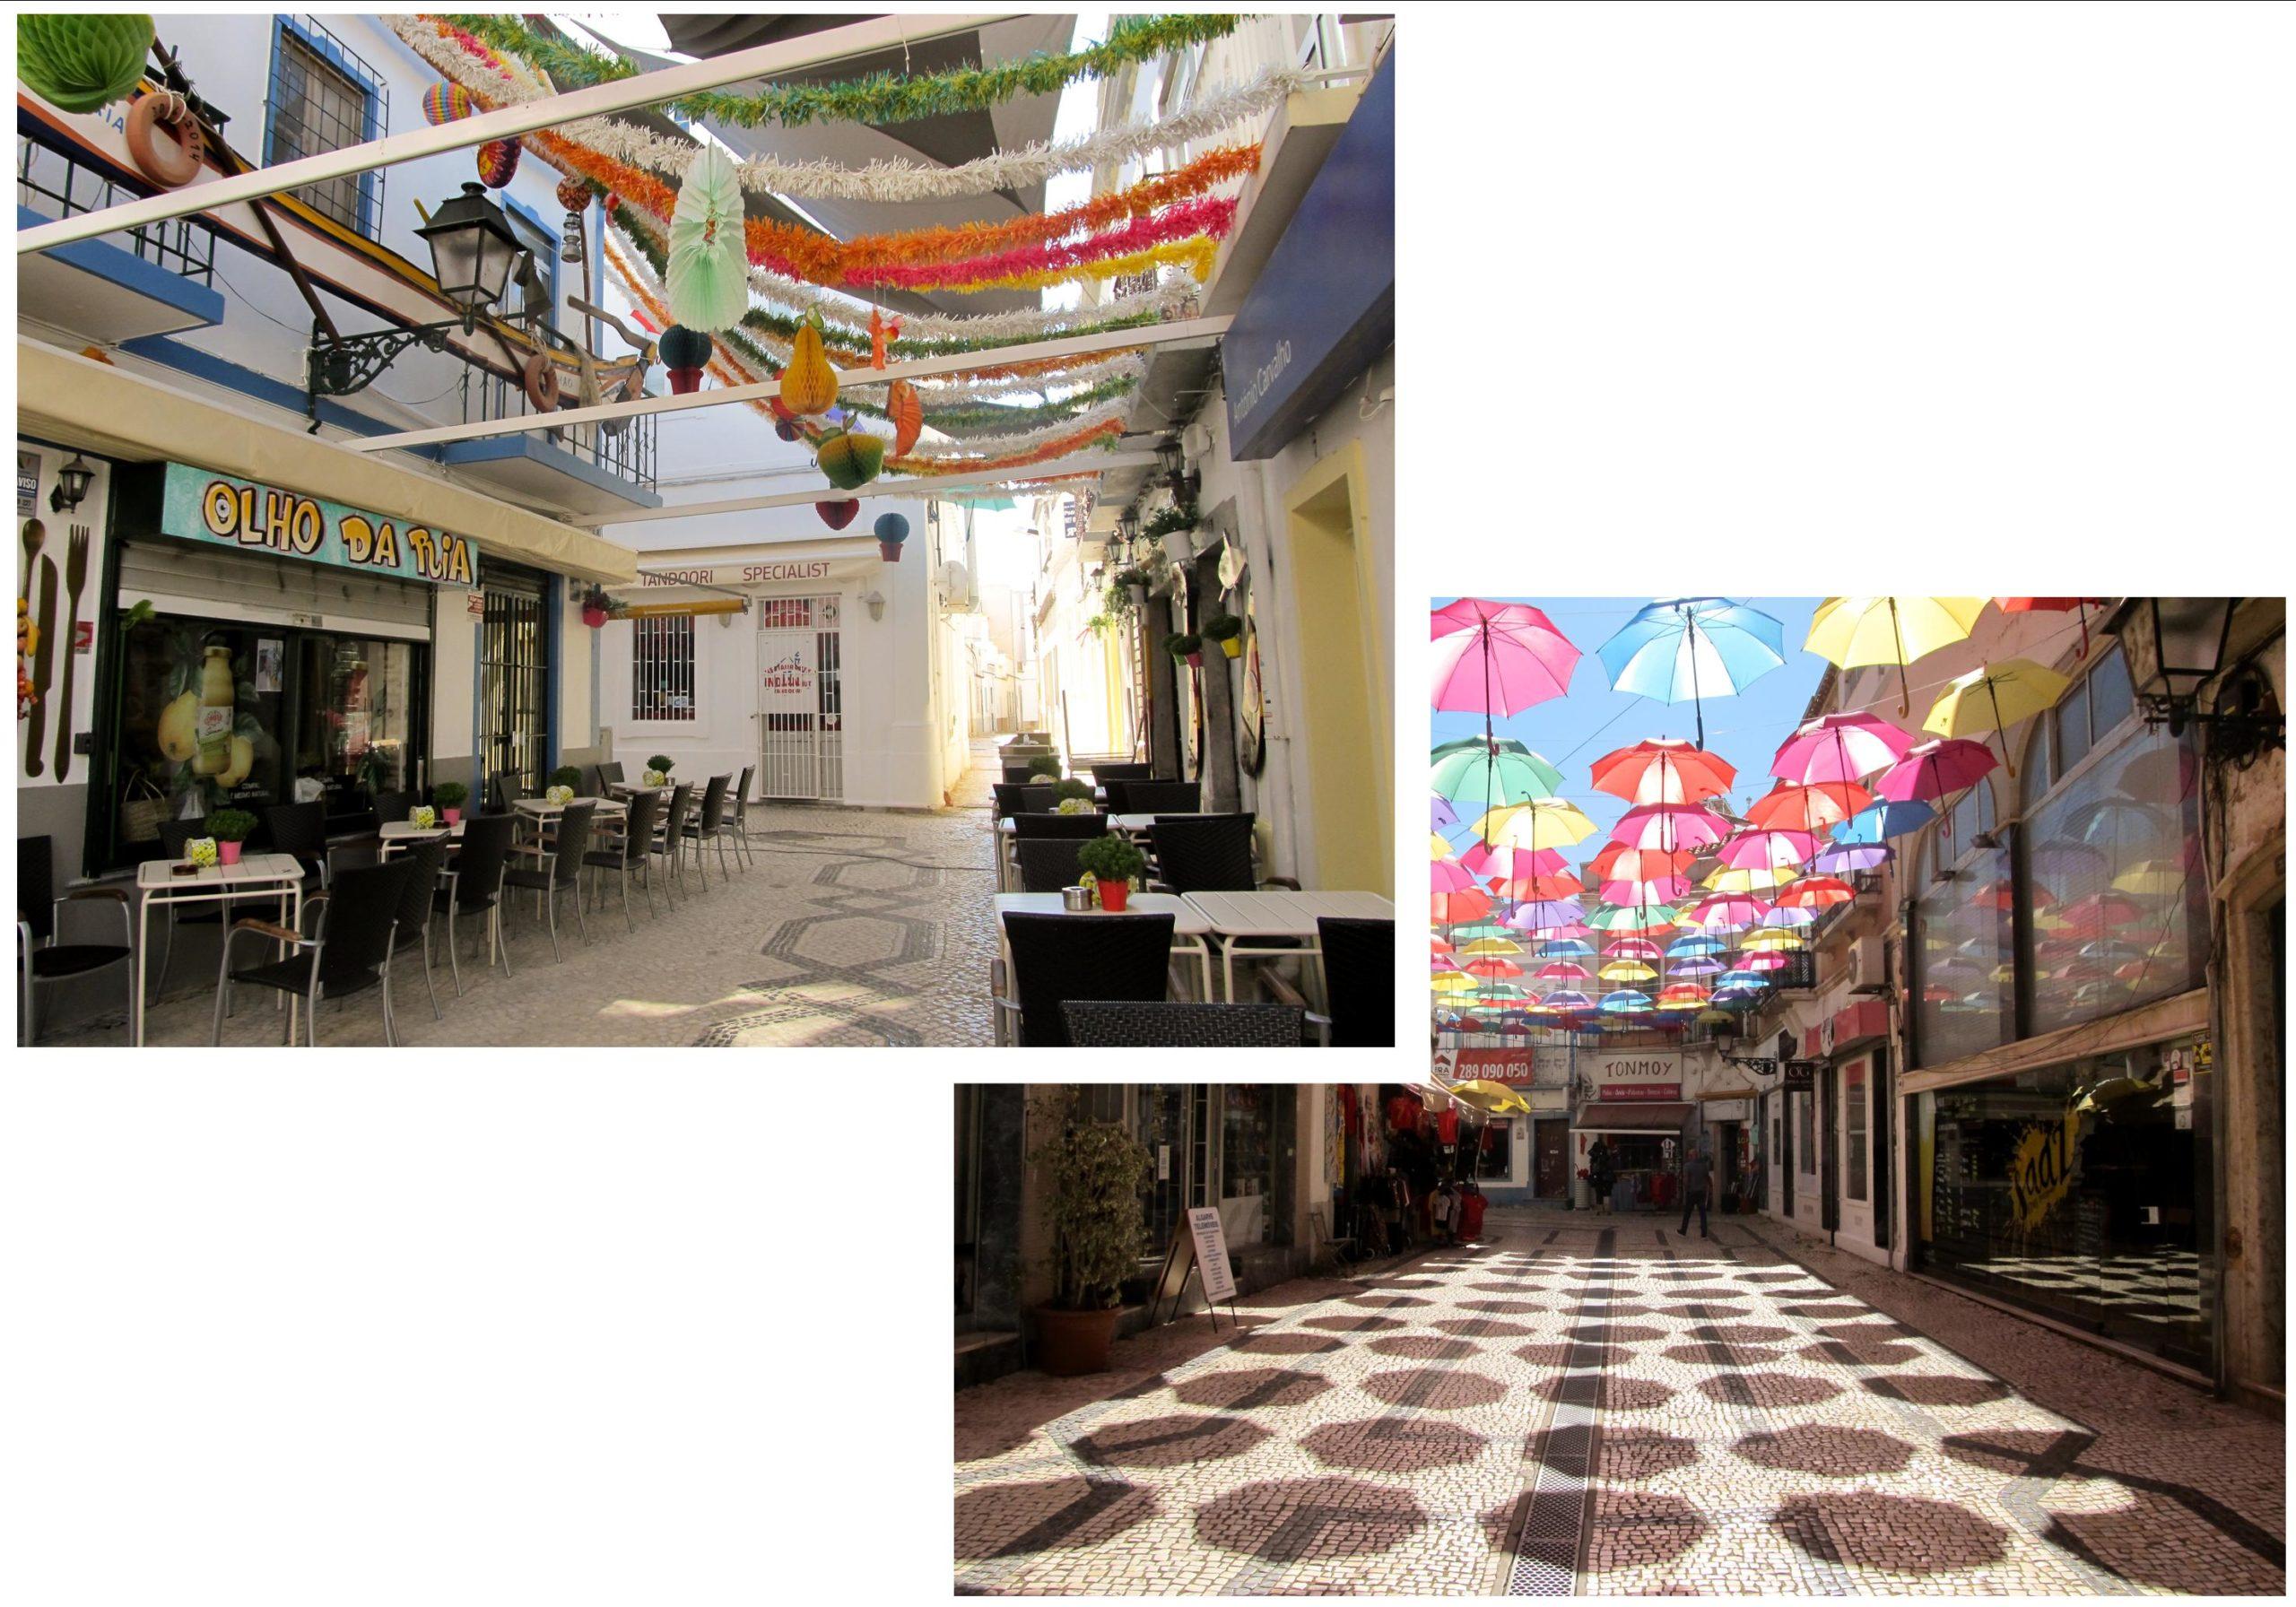 Ohlao | Découvrez dans cet article les plus beaux endroits, notamment les plages et villages, de la côte sud de l'Algarve au Portugal.